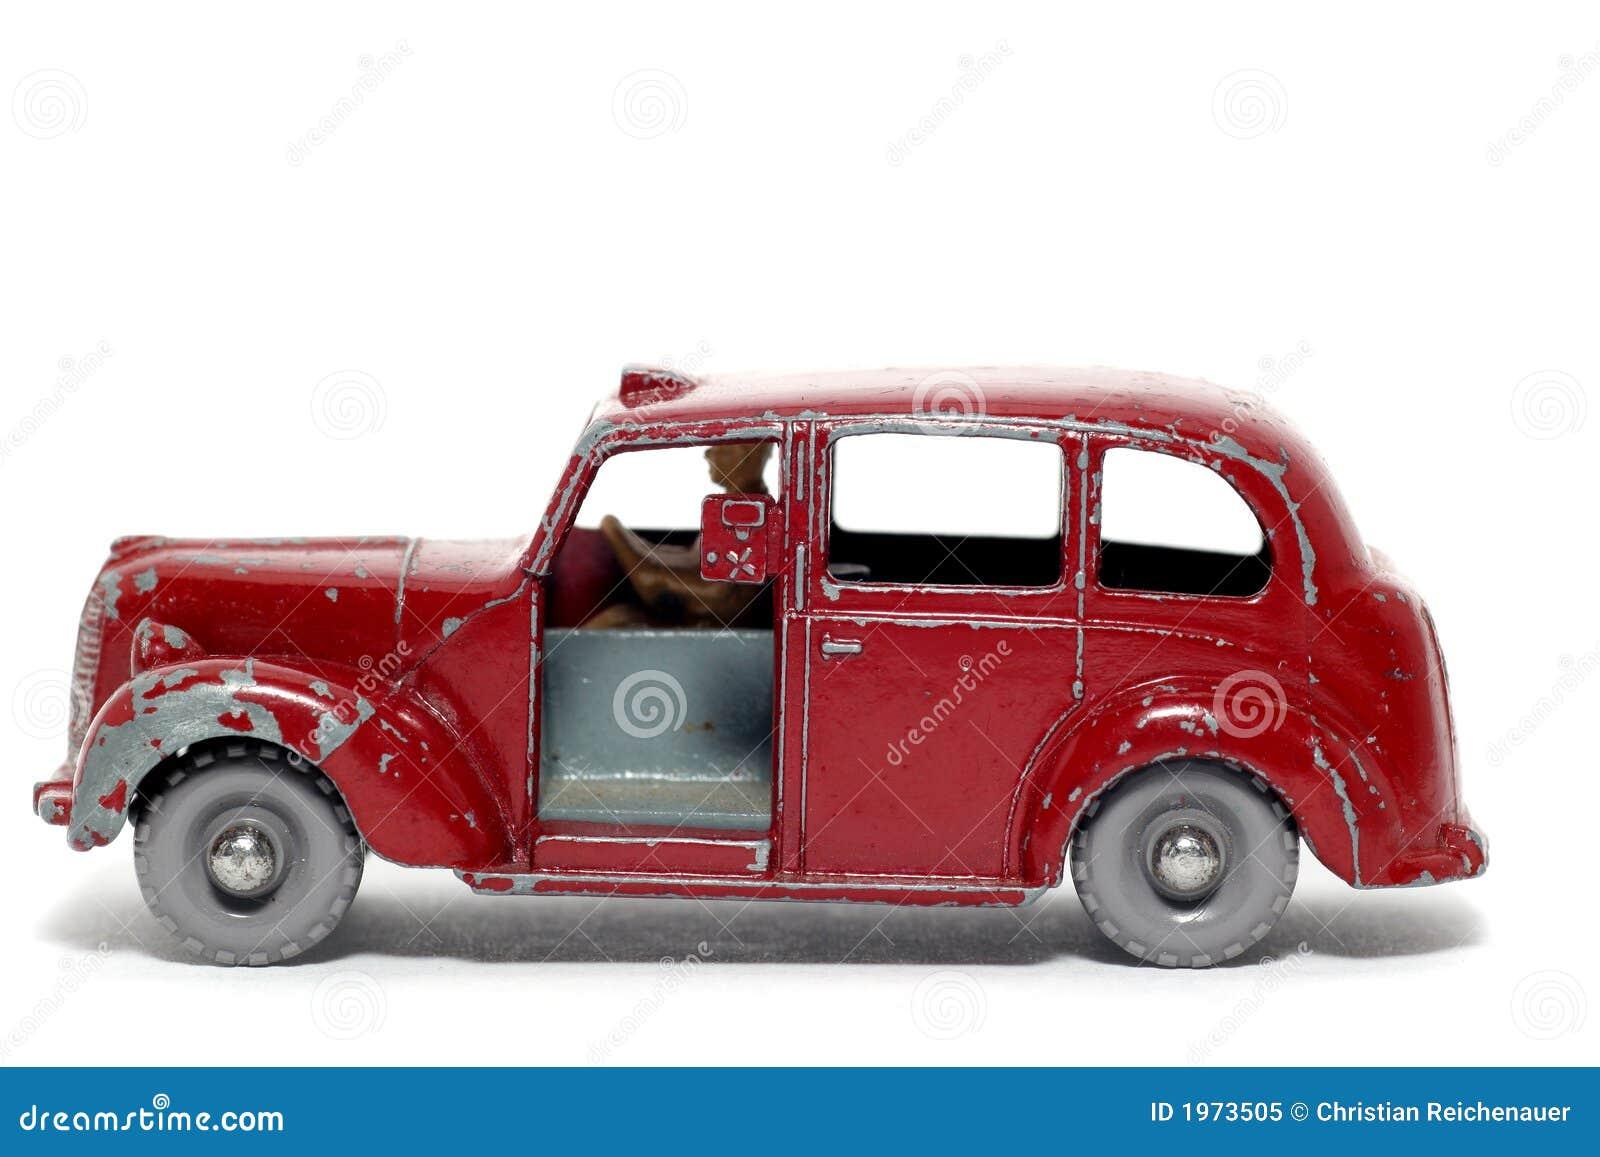 old toy car austin metropolitan taxi royalty free stock photo